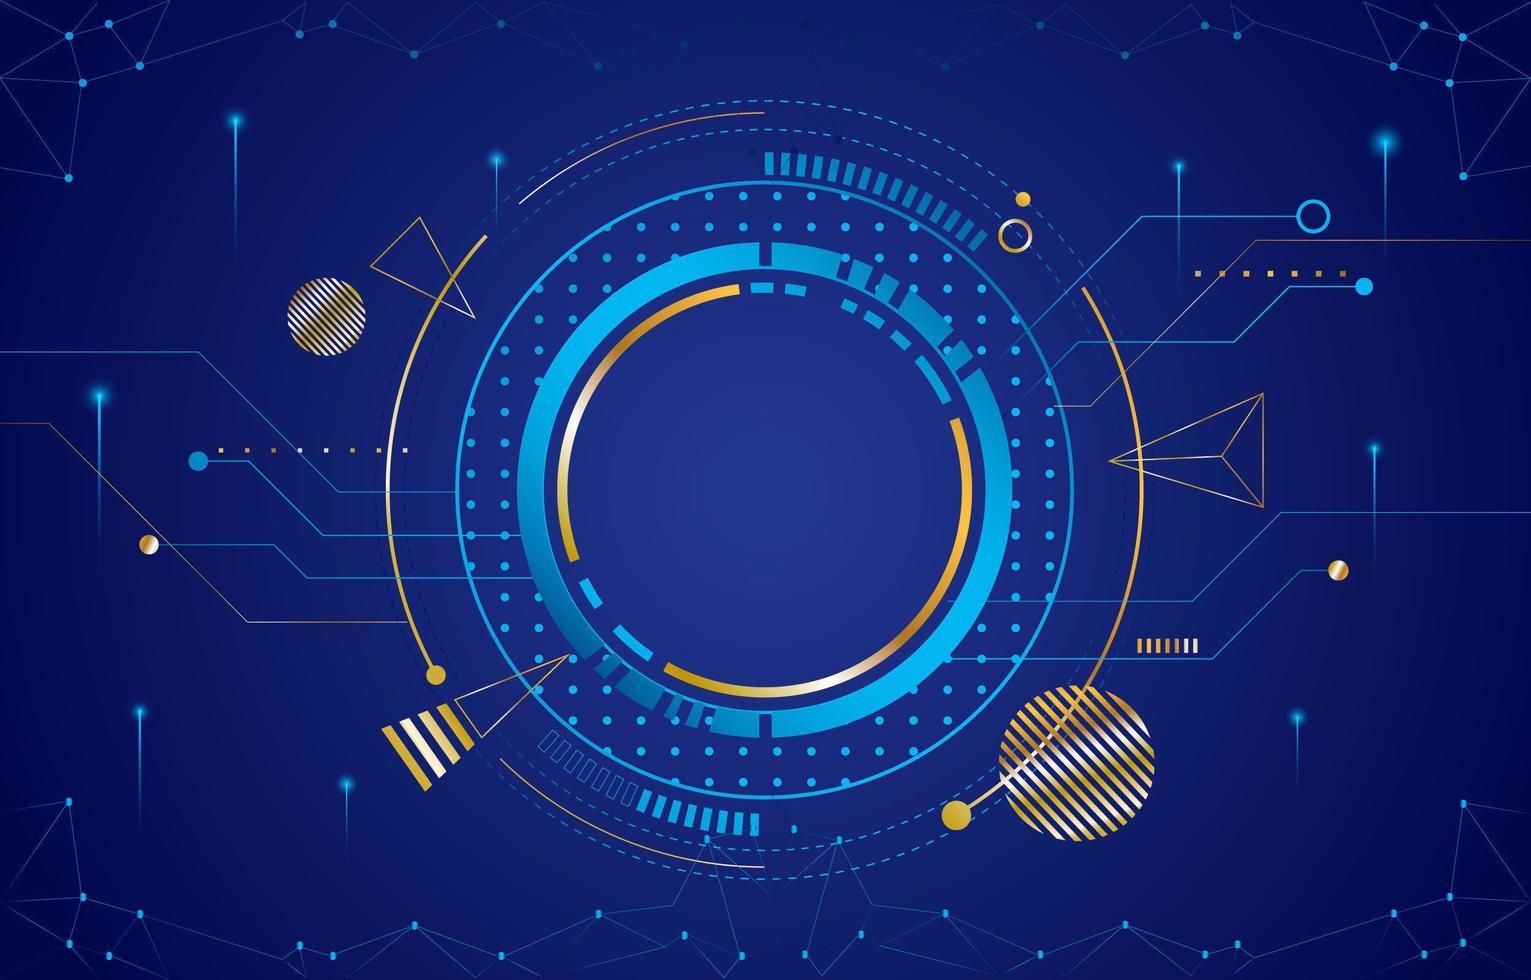 círculo digital con color azul y dorado vector